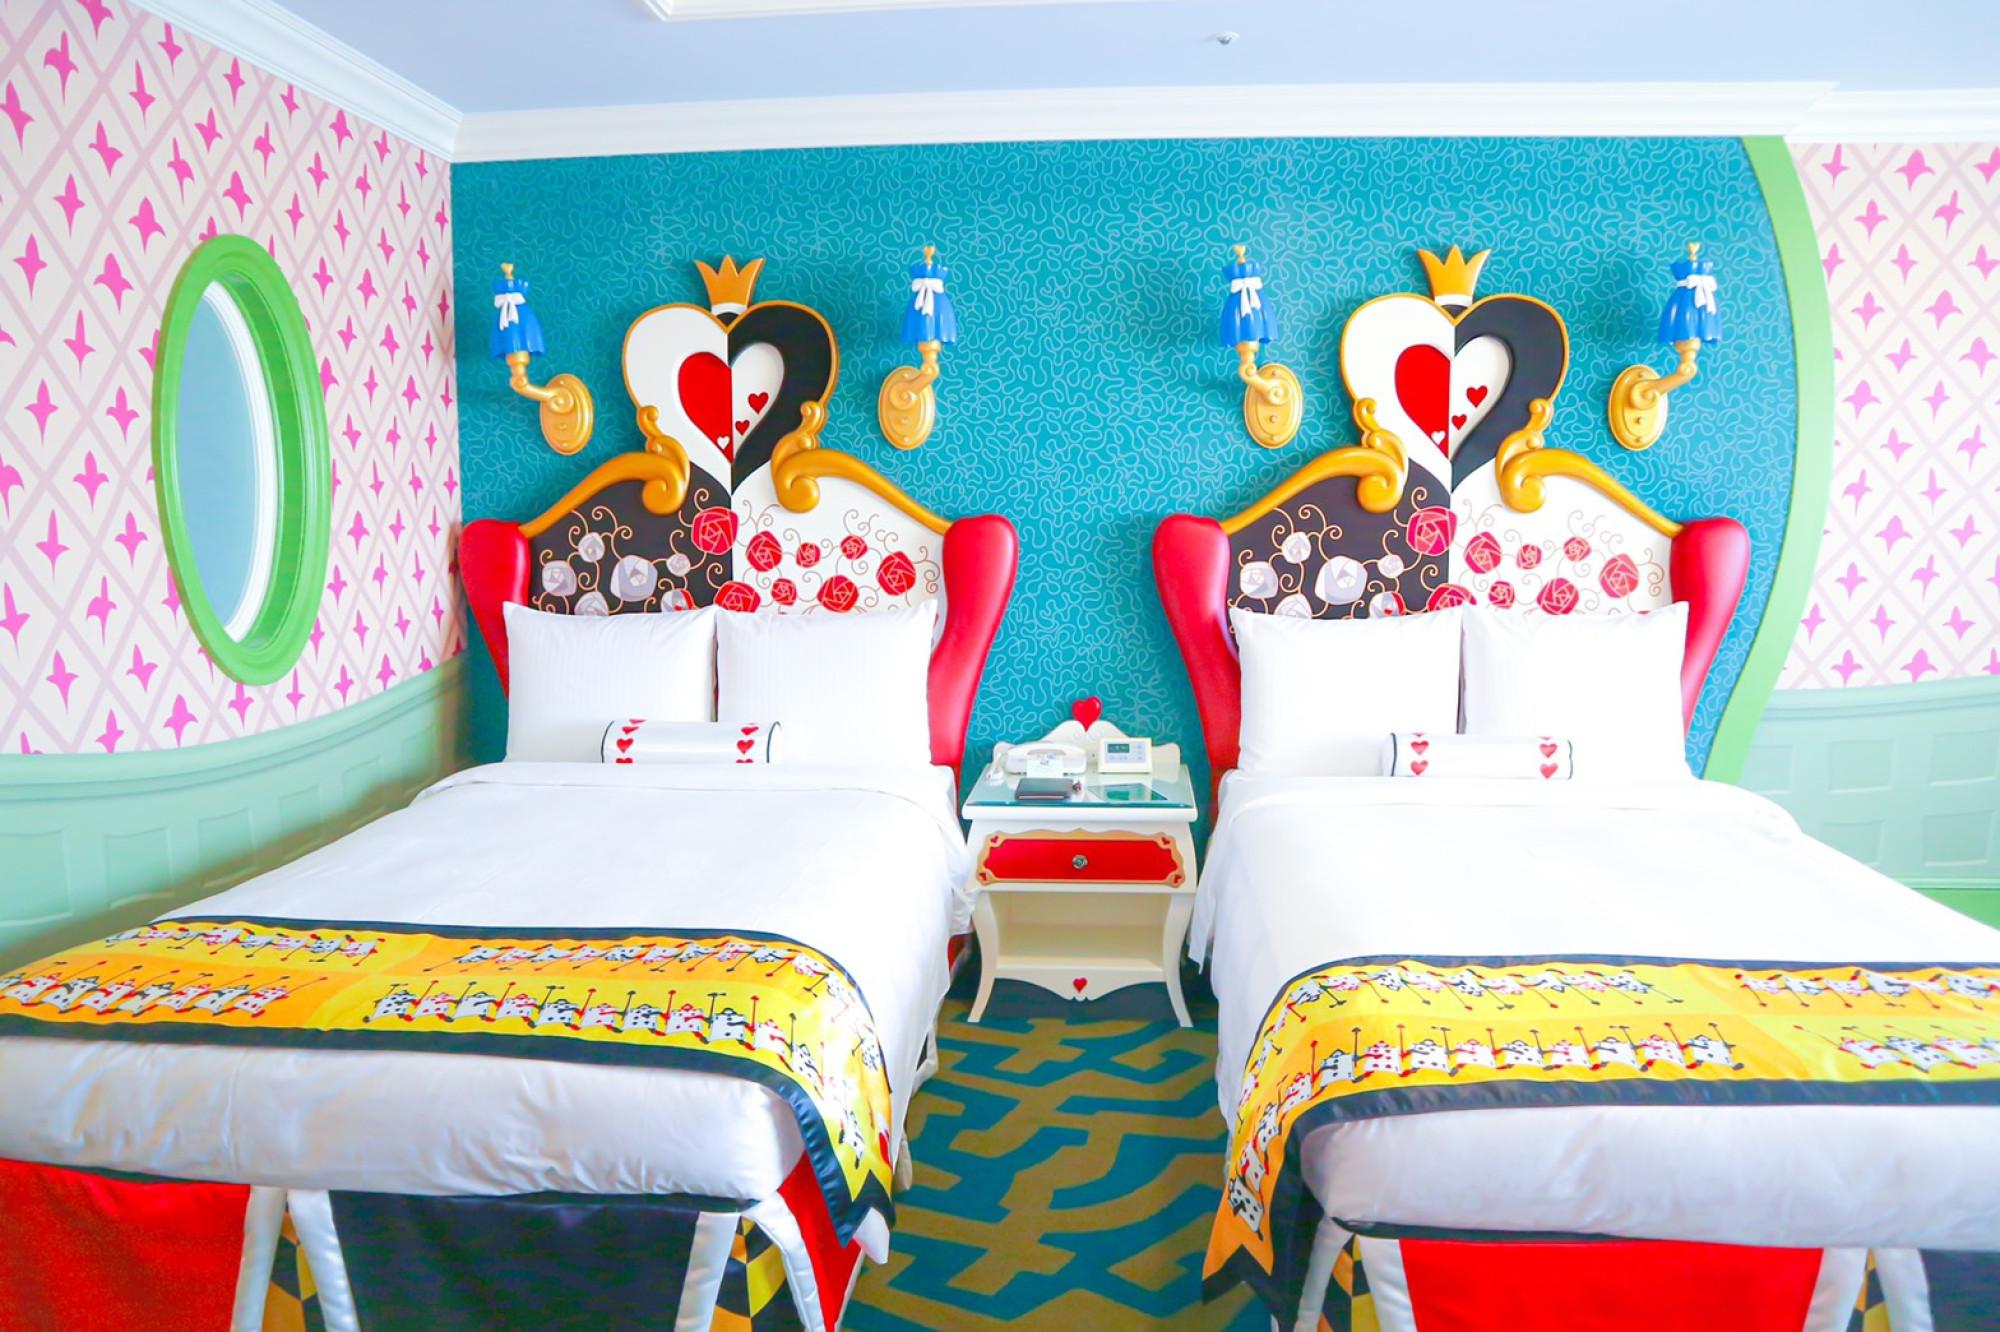 ディズニーランドホテル「ふしぎの国のアリスルーム」